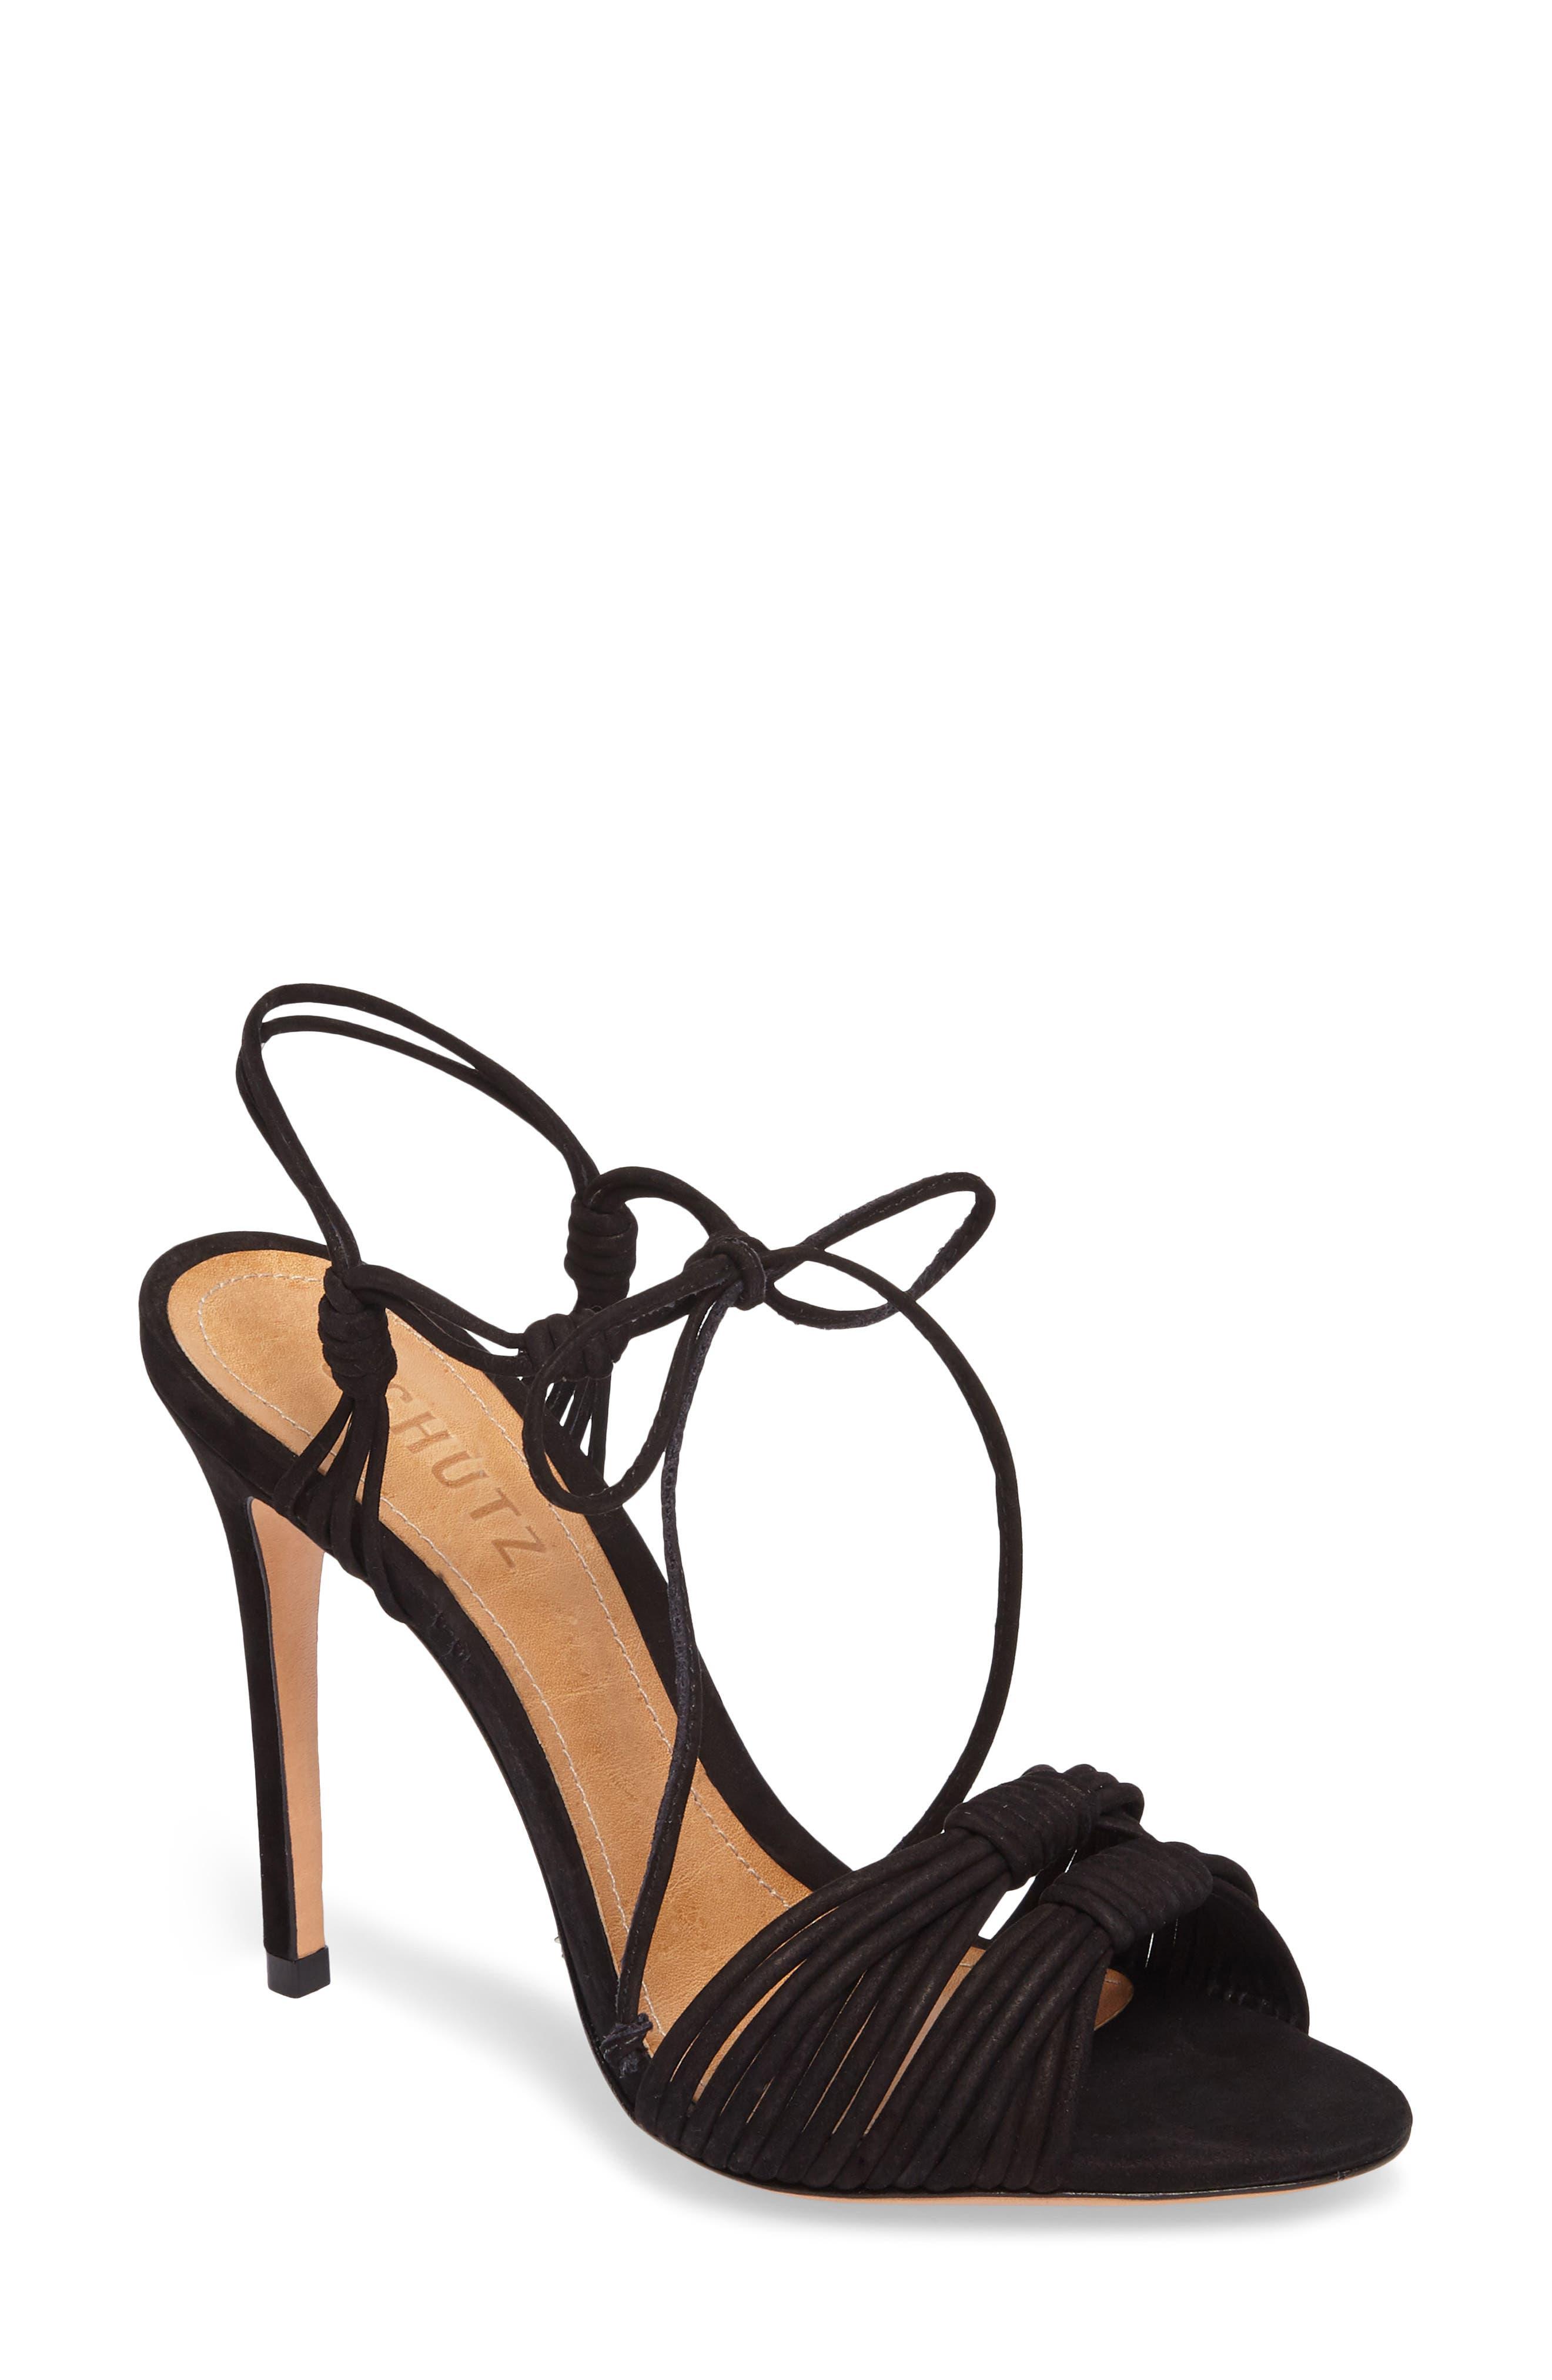 Tammi Sandal,                         Main,                         color, Black Nubuck Leather